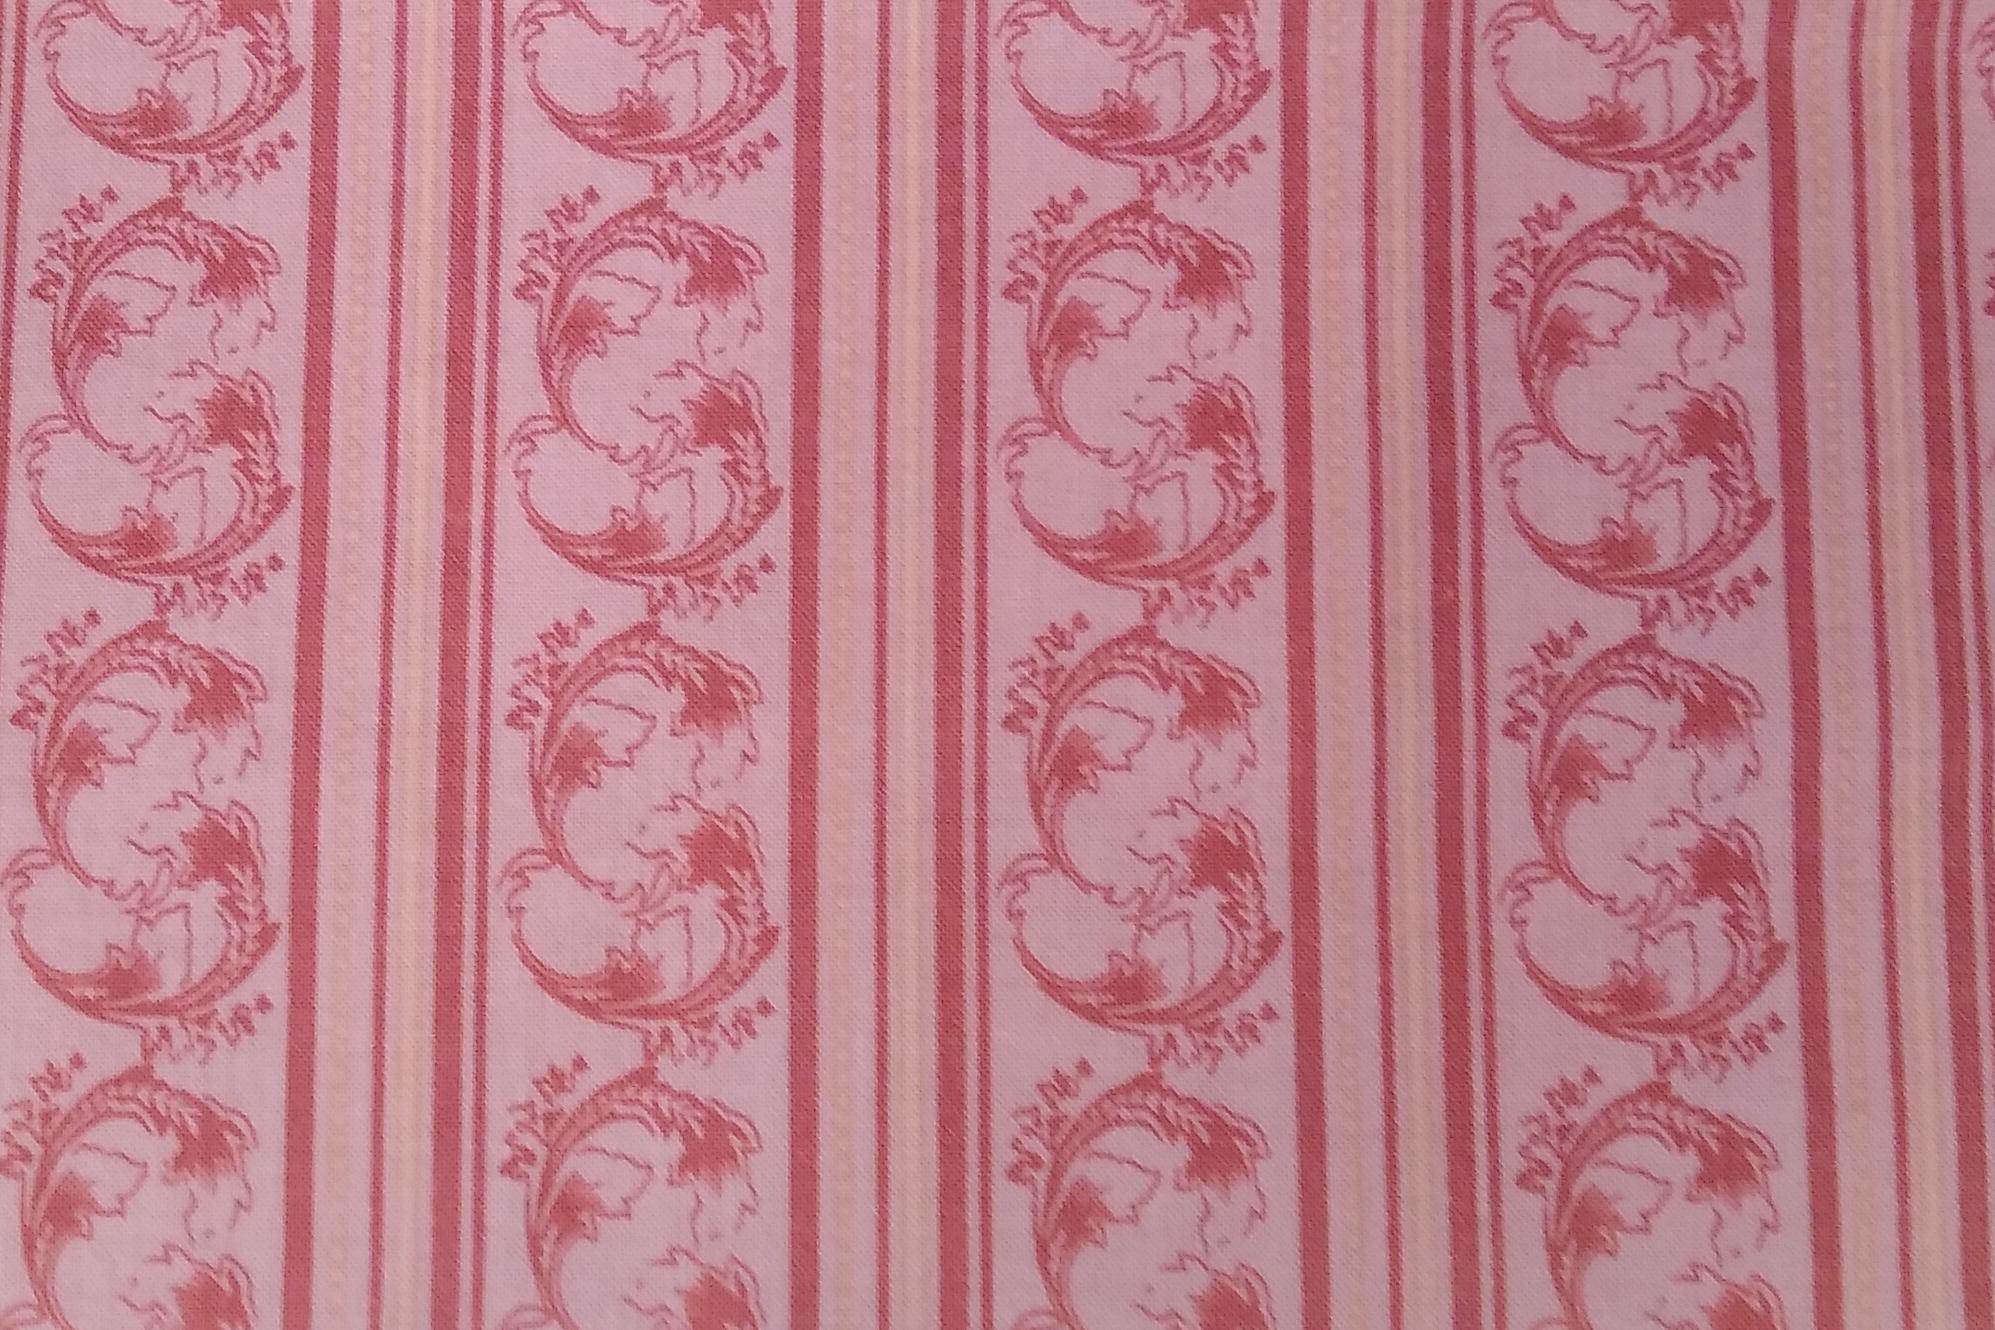 Baumwolle Streifen/ Rankenmuster, rosa, 110cm breit, 0.5m 7.50€